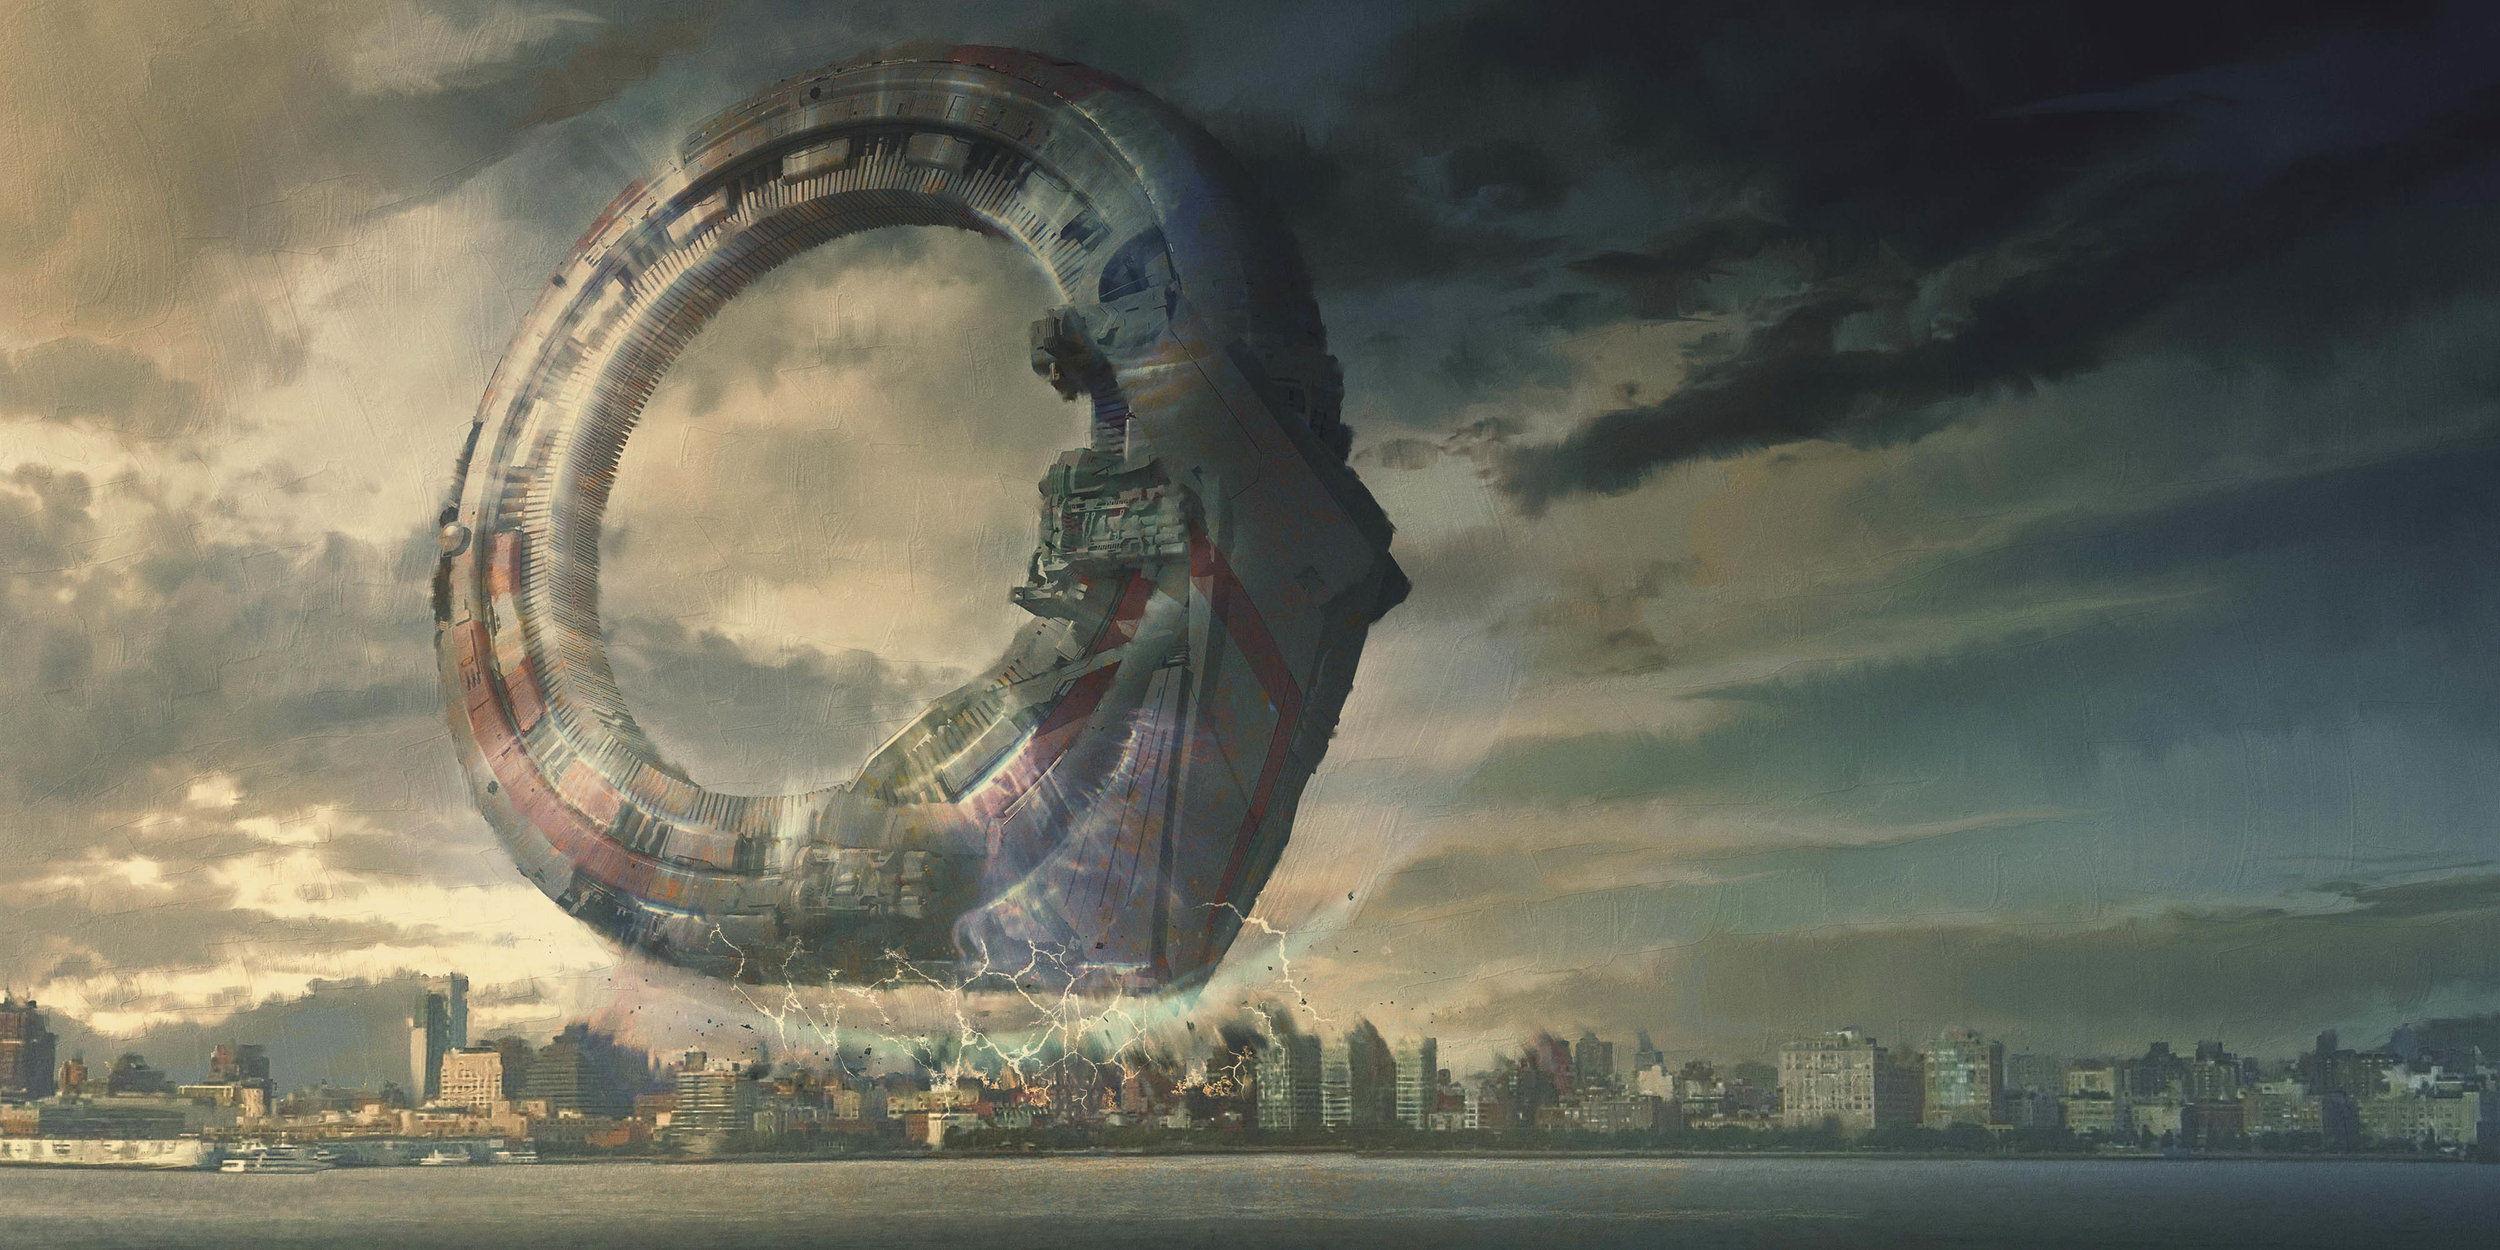 《复仇者联盟3:无限战争》未曝光的外星飞船舰艇和纽约圣所